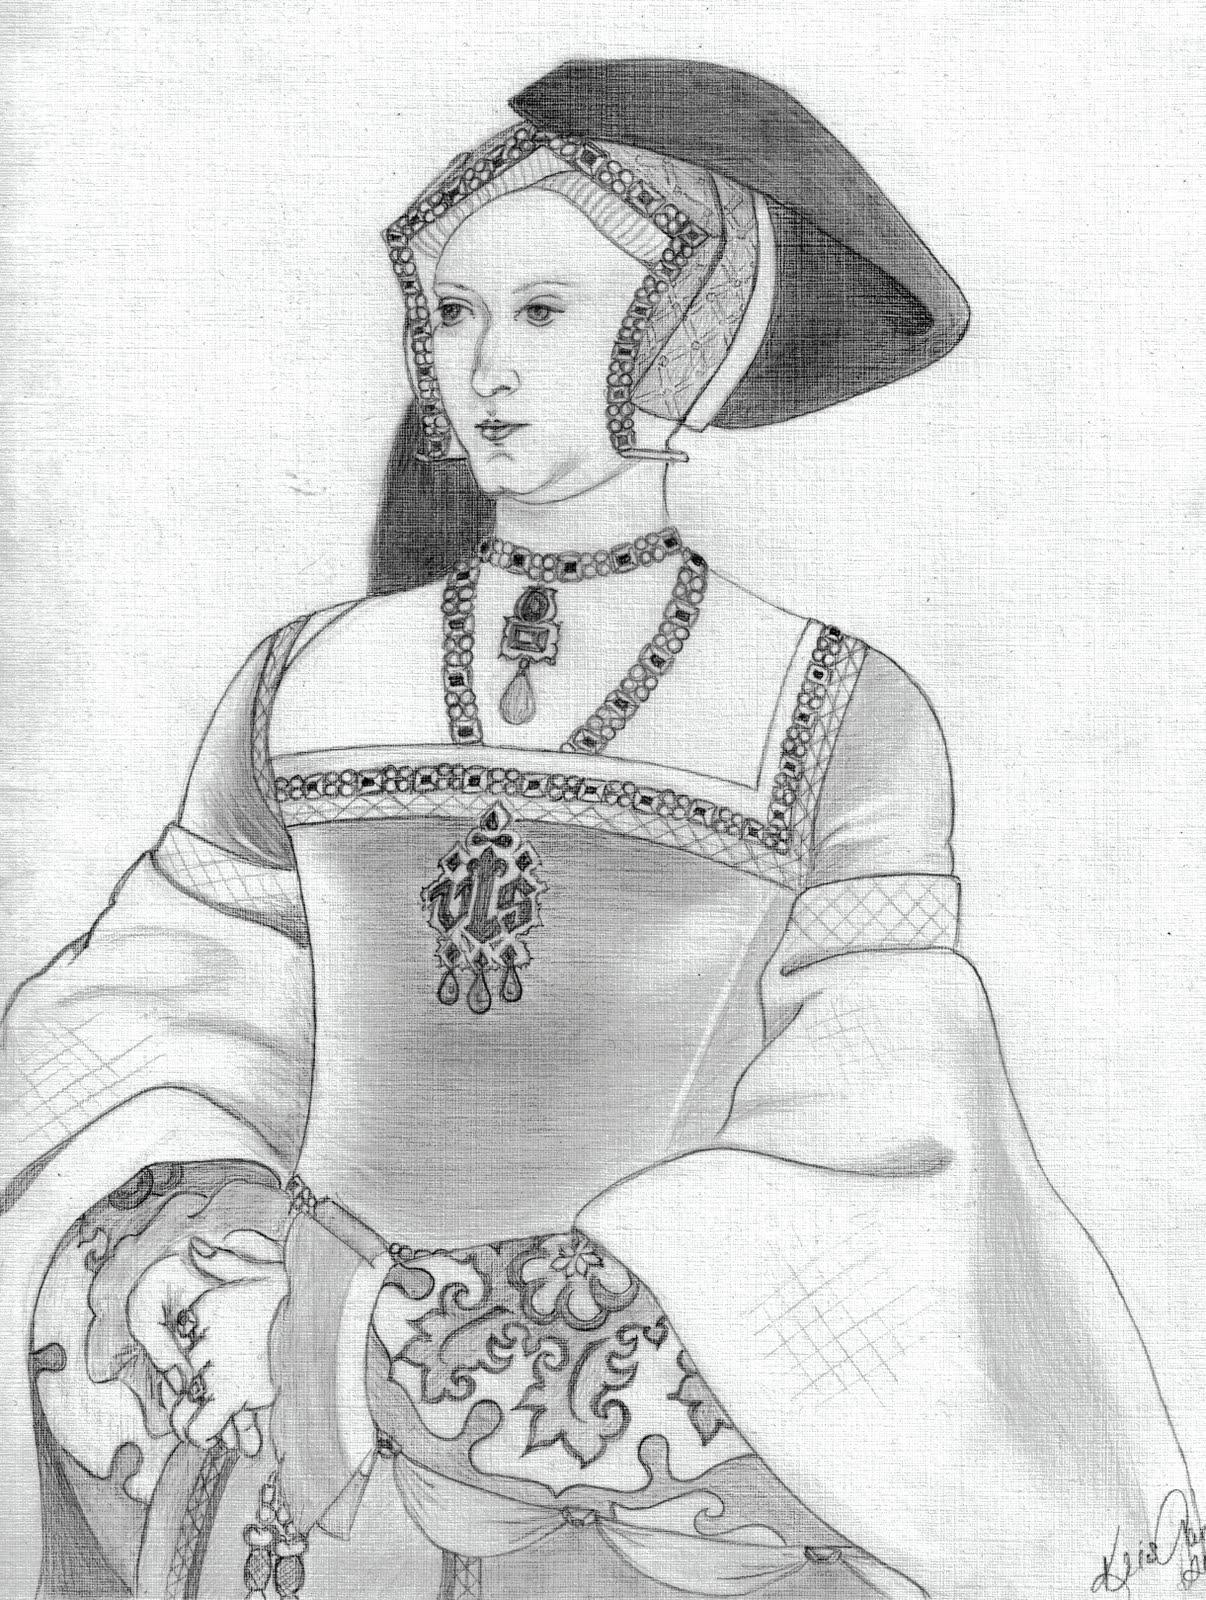 Natalie Dormer The Tudors Anne Boleyn | Hot Girl HD Wallpaper